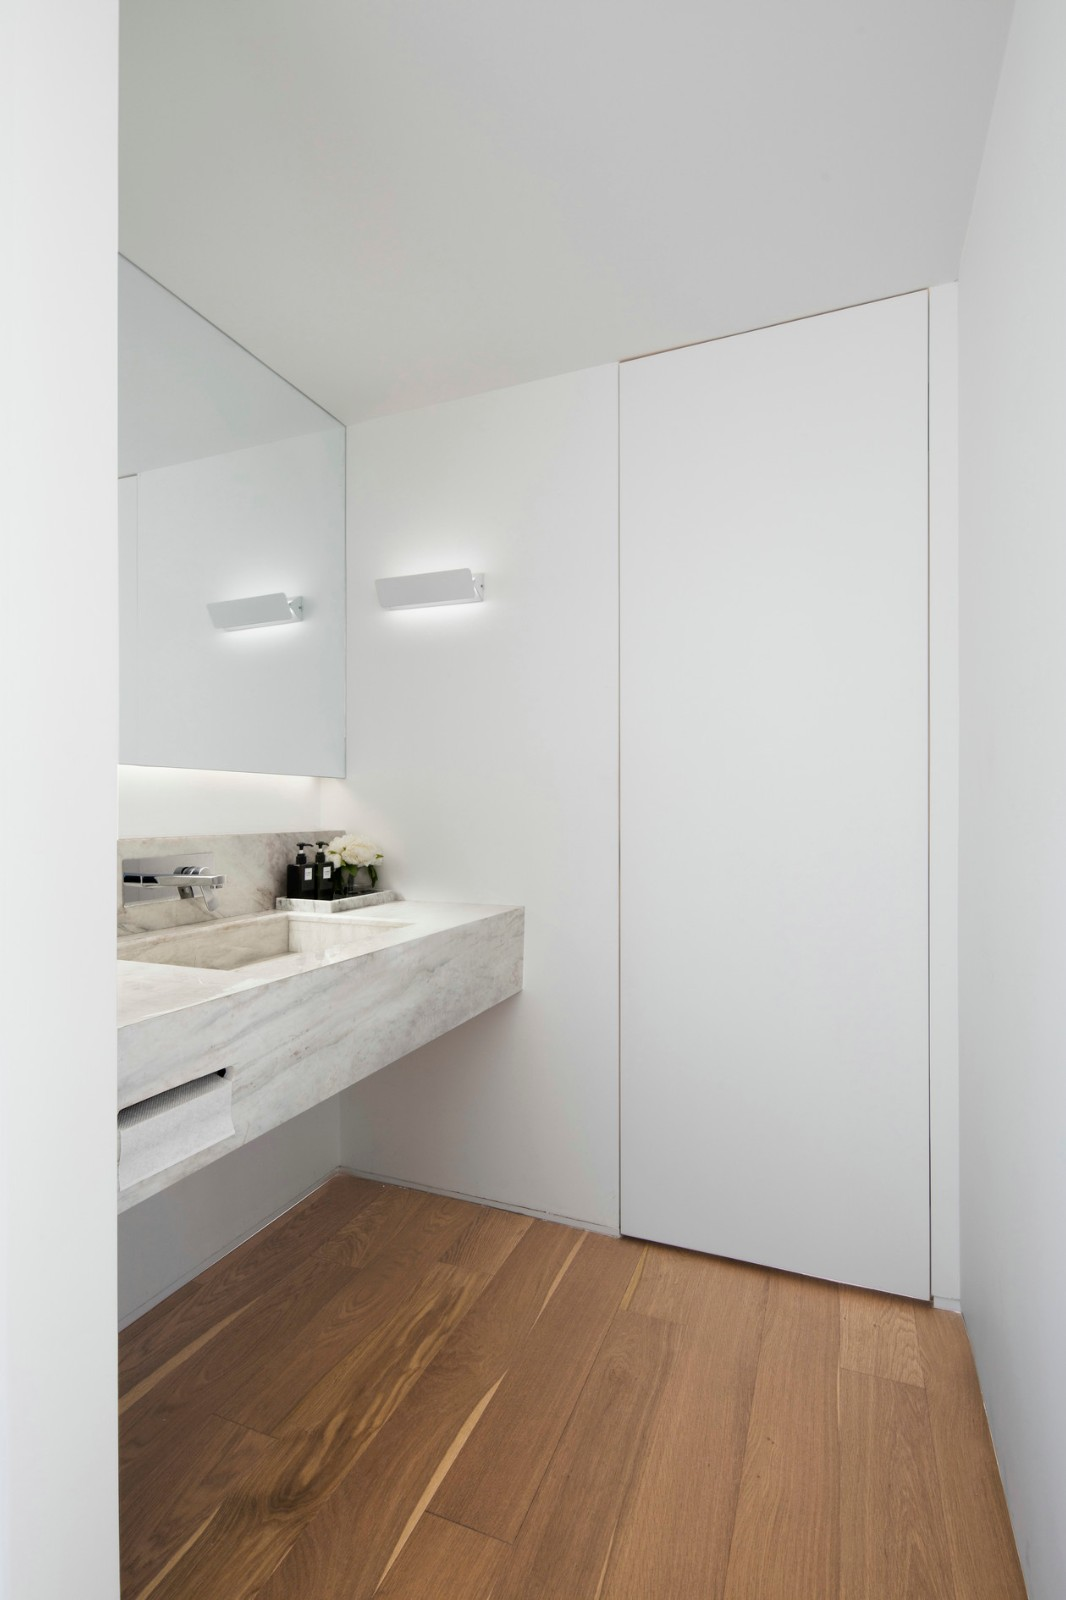 极简白色原木风公寓卫生间装修效果图